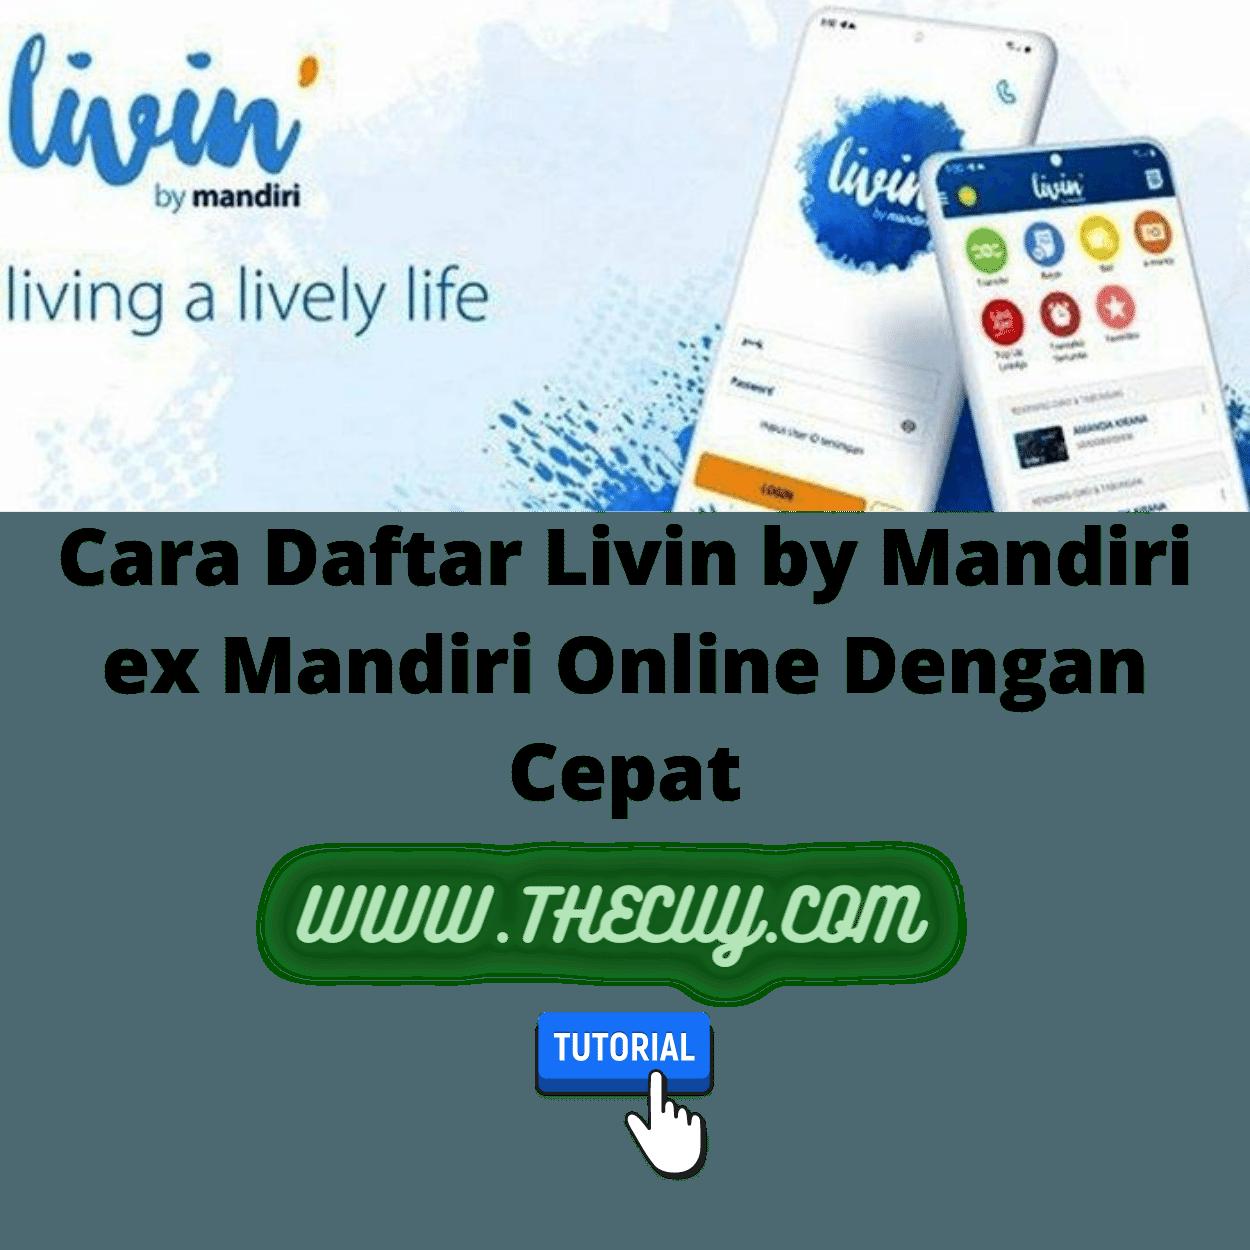 Cara Daftar Livin by Mandiri ex Mandiri Online Dengan Cepat